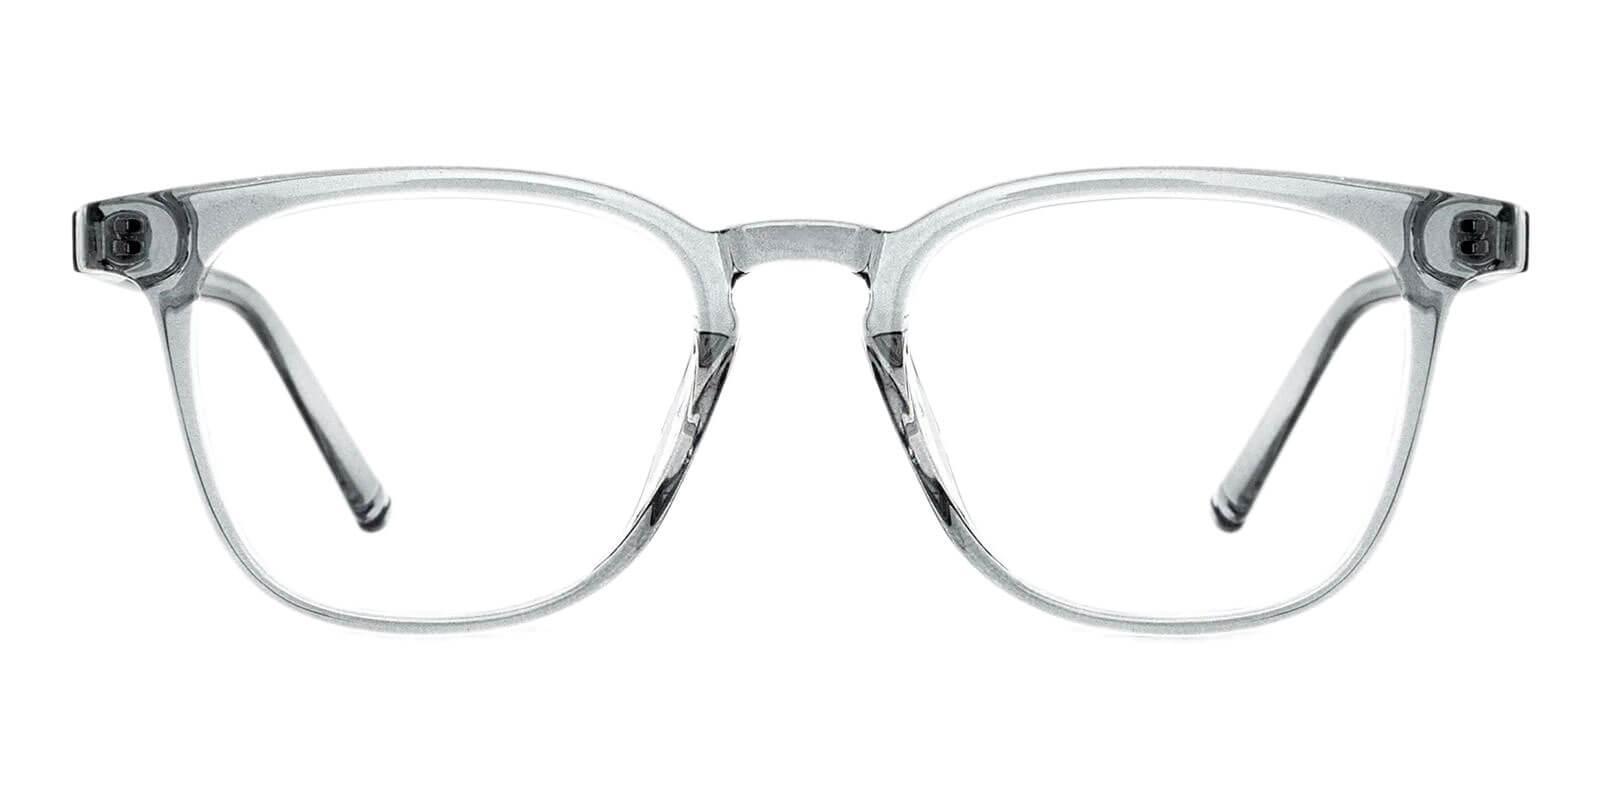 Zaire Gray TR Eyeglasses , UniversalBridgeFit Frames from ABBE Glasses